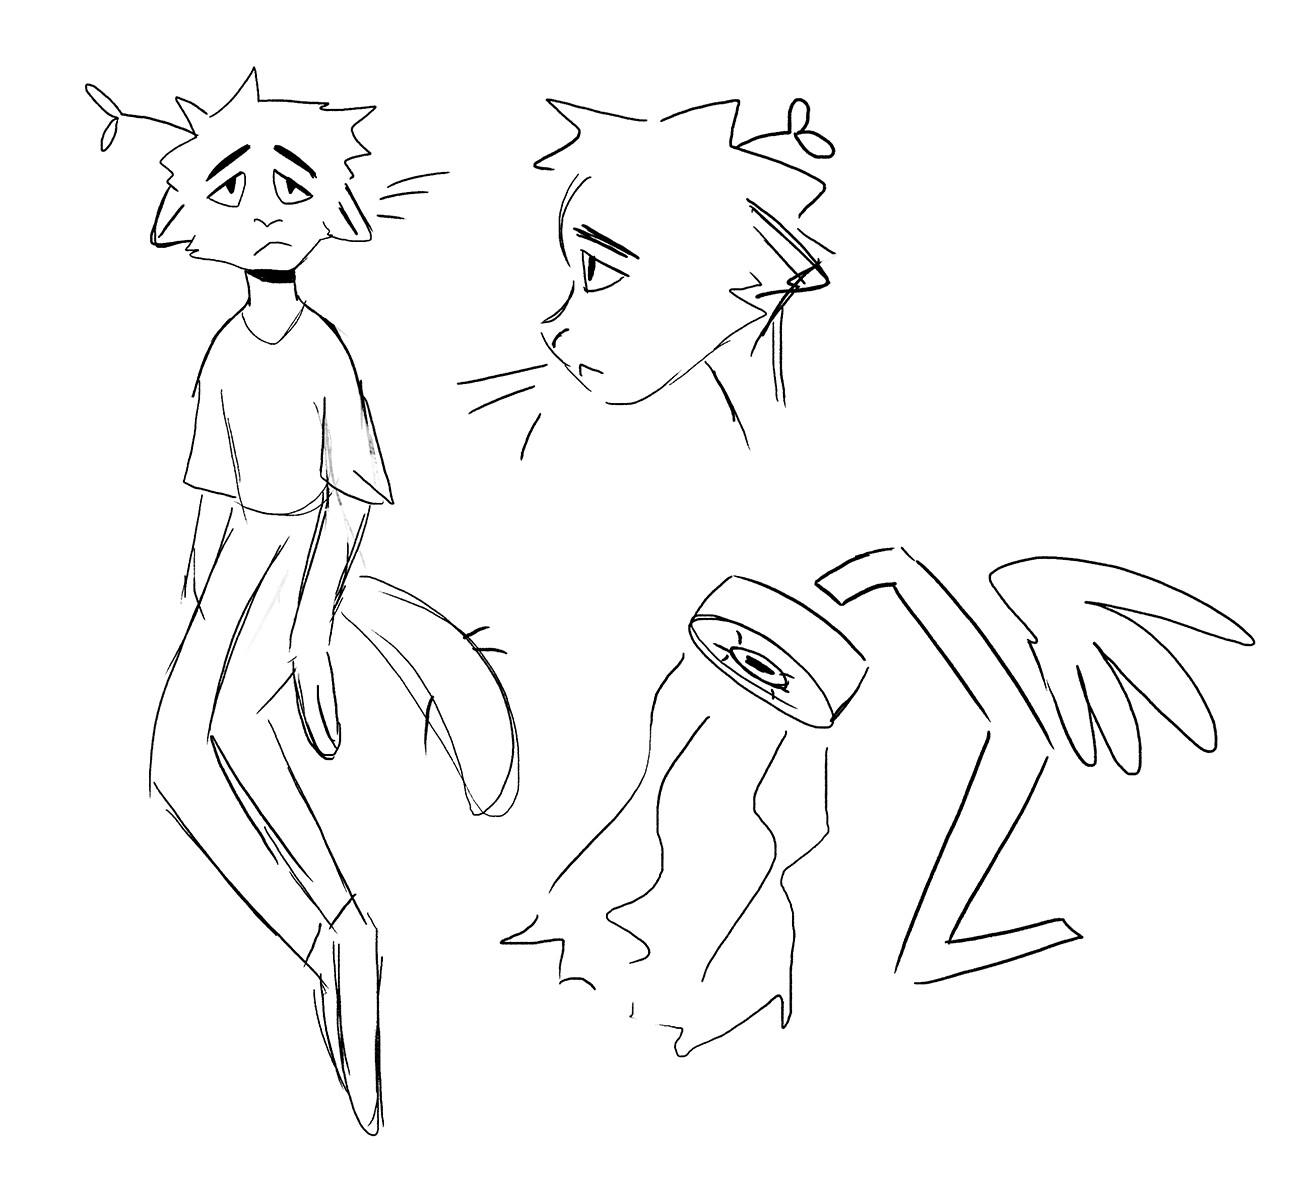 warmup sketches